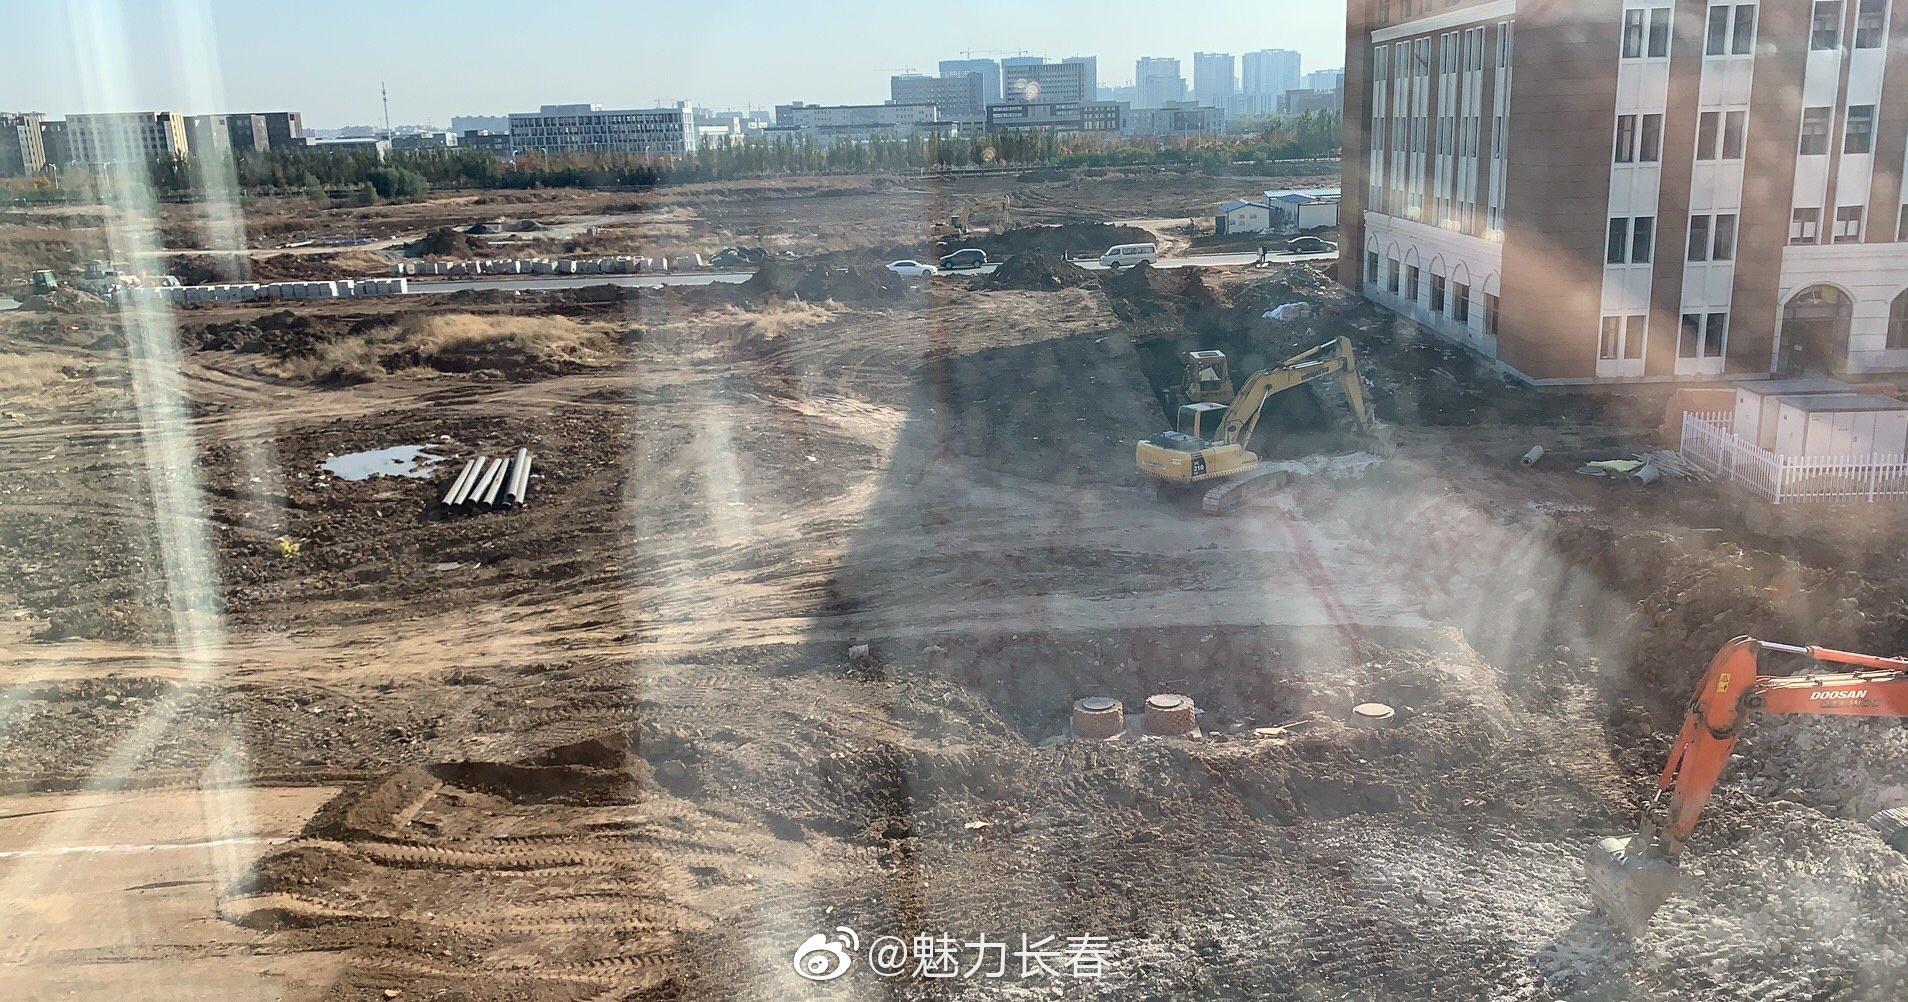 网友吐槽:长春工业大学北湖新校区很好看,绿化覆盖率很高